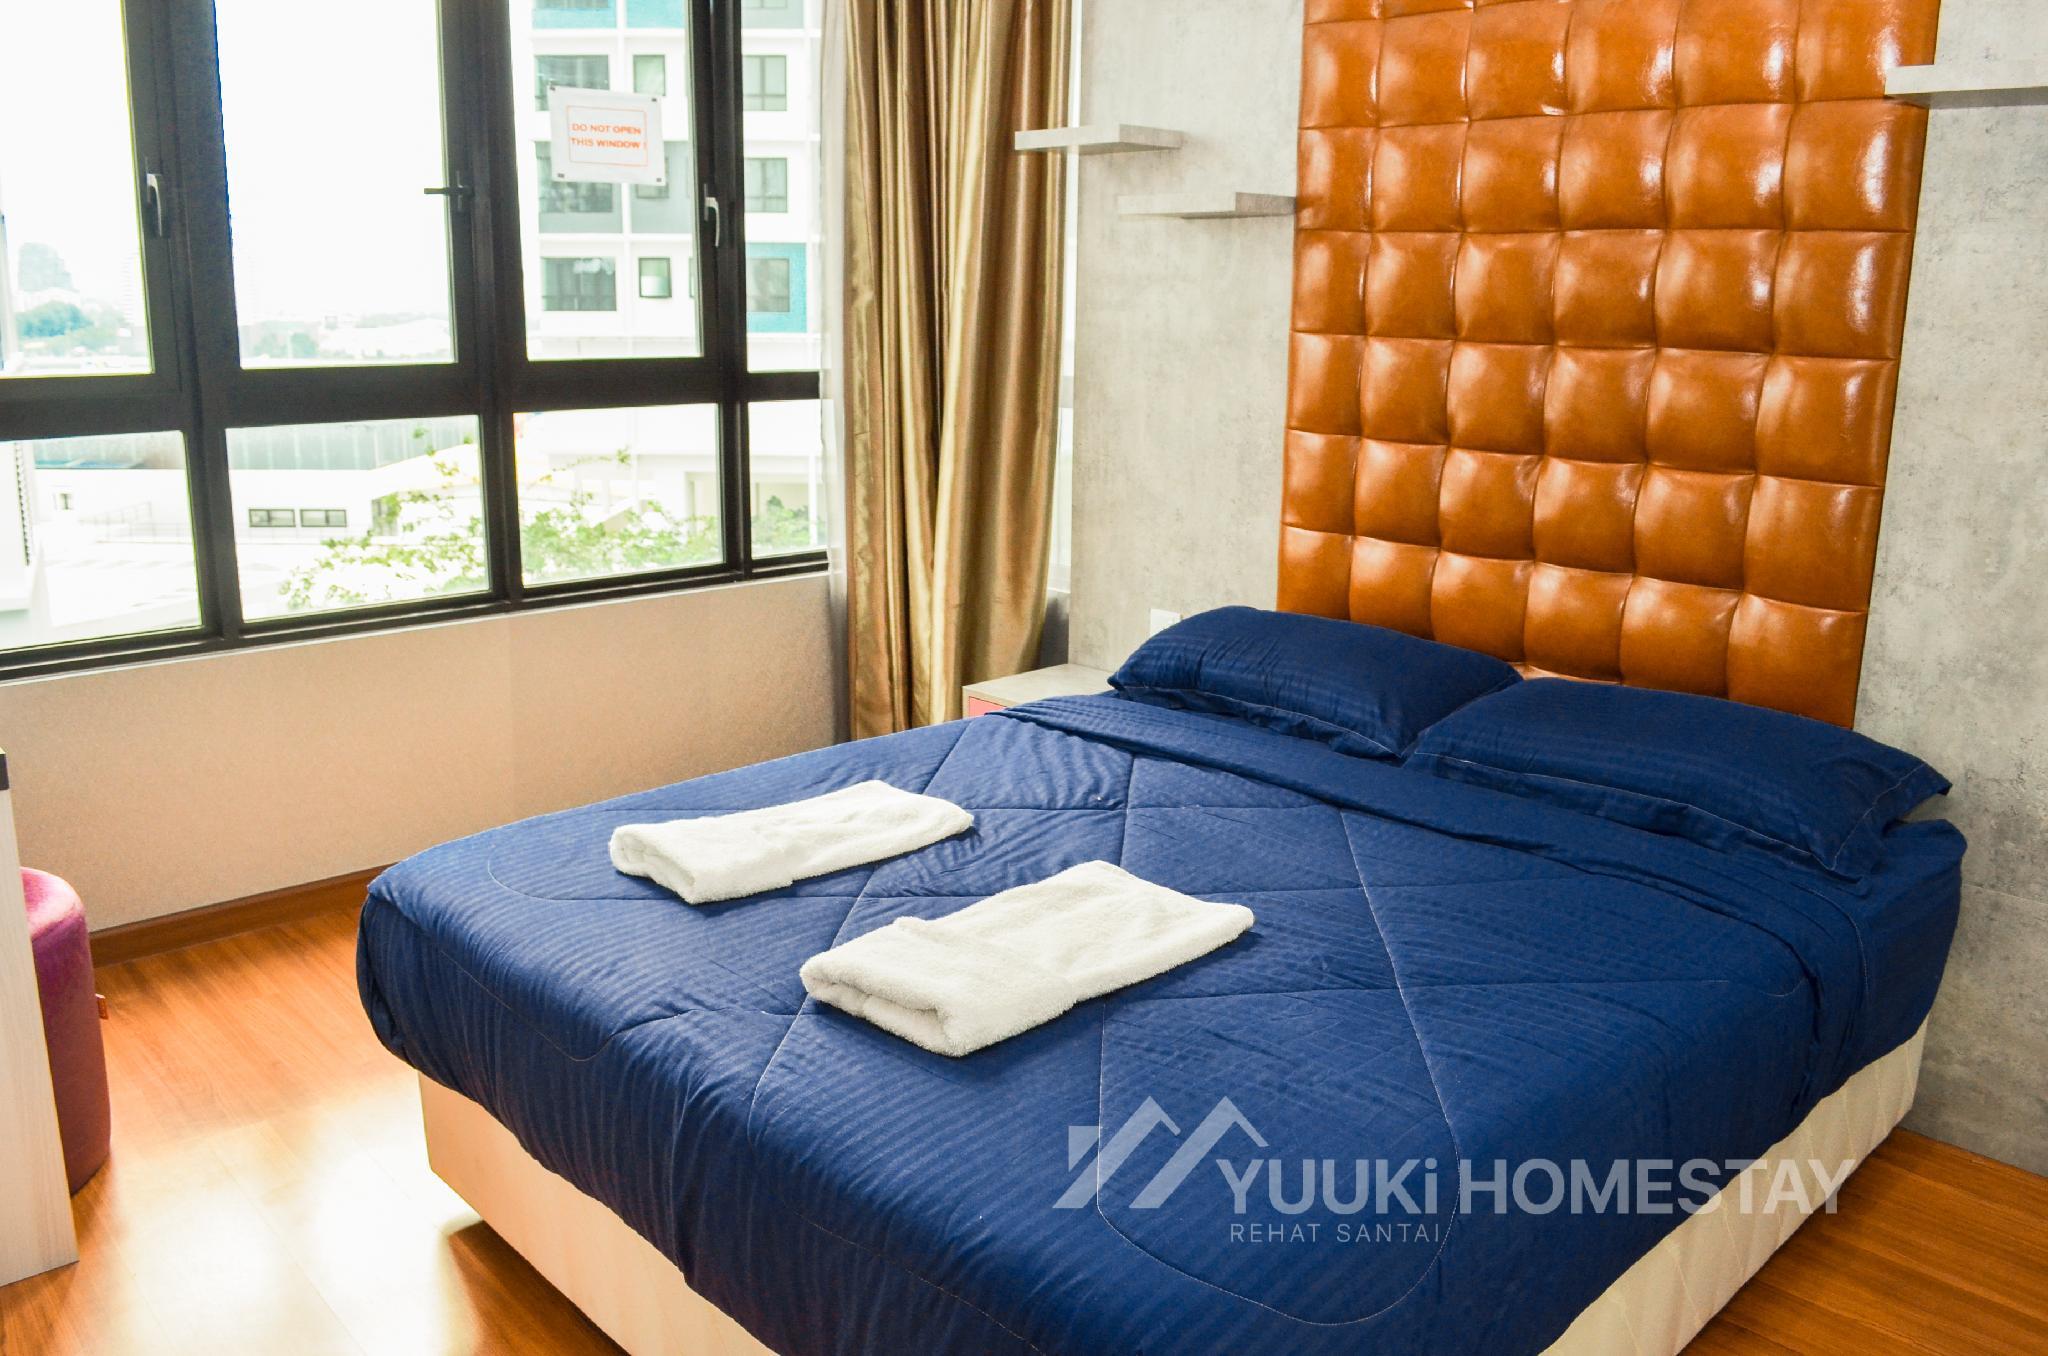 I City @ I Soho 2 Bedrooms @ YuukiHomestay  T002